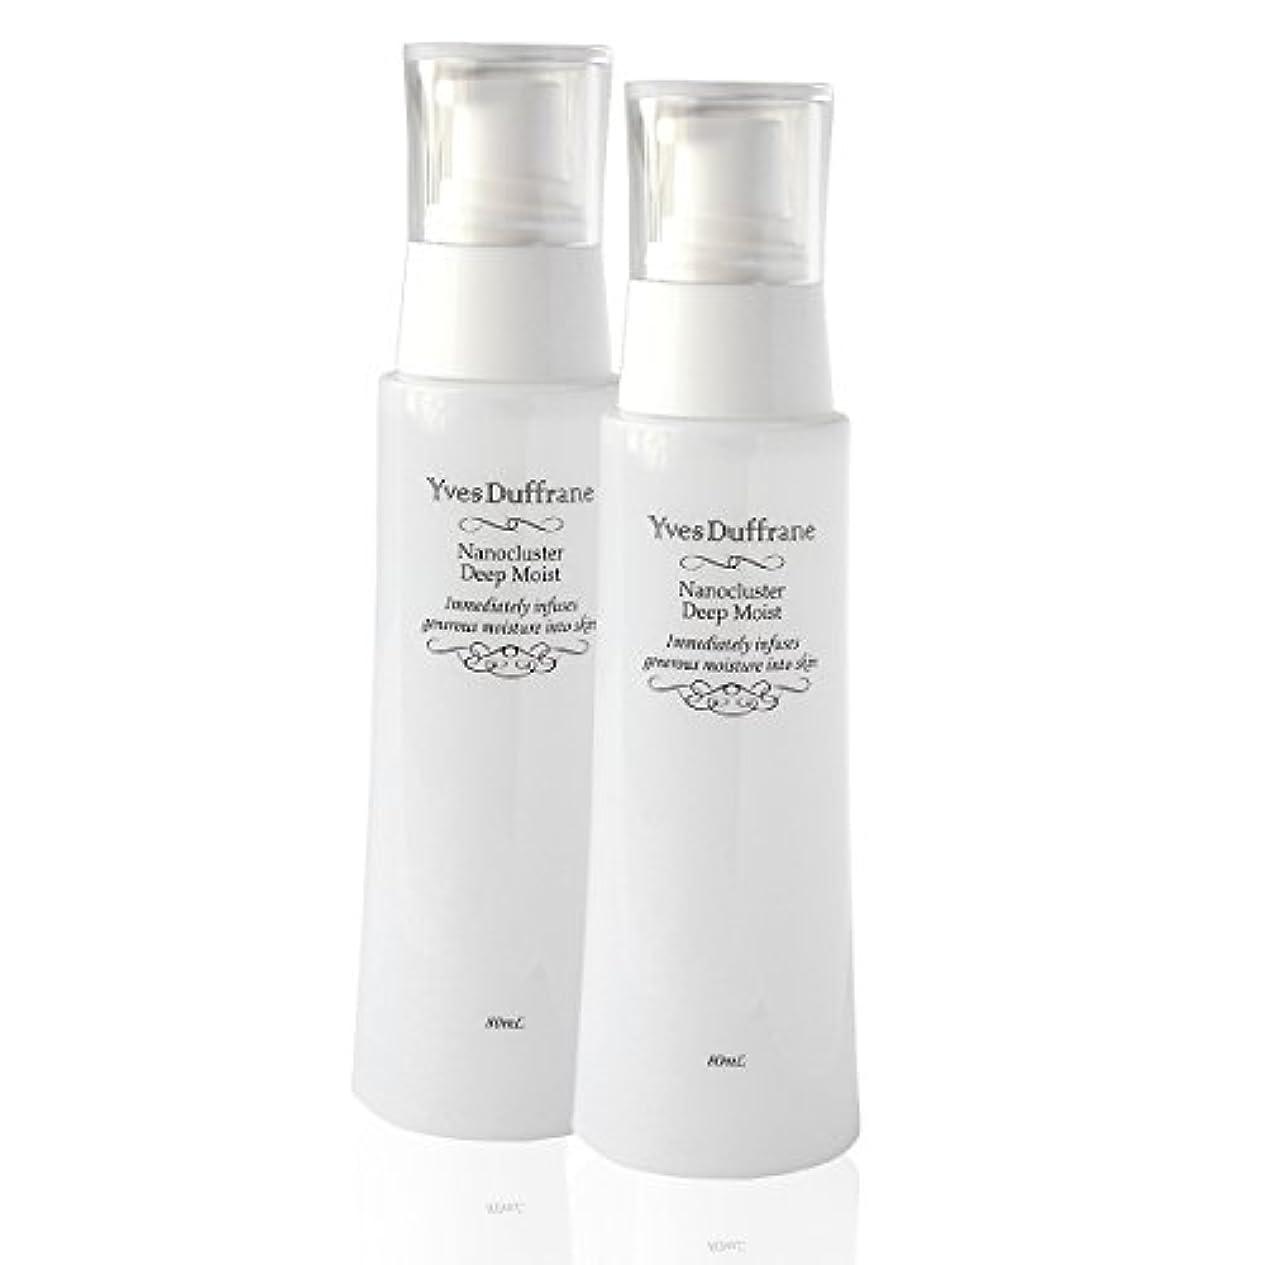 概して適度なクランシー化粧水 ( ナノ化粧水 2点セット)ナノ化 スクワラン 乾燥 毛穴 敏感肌 高保湿 高浸透 高品質 メンズ OK